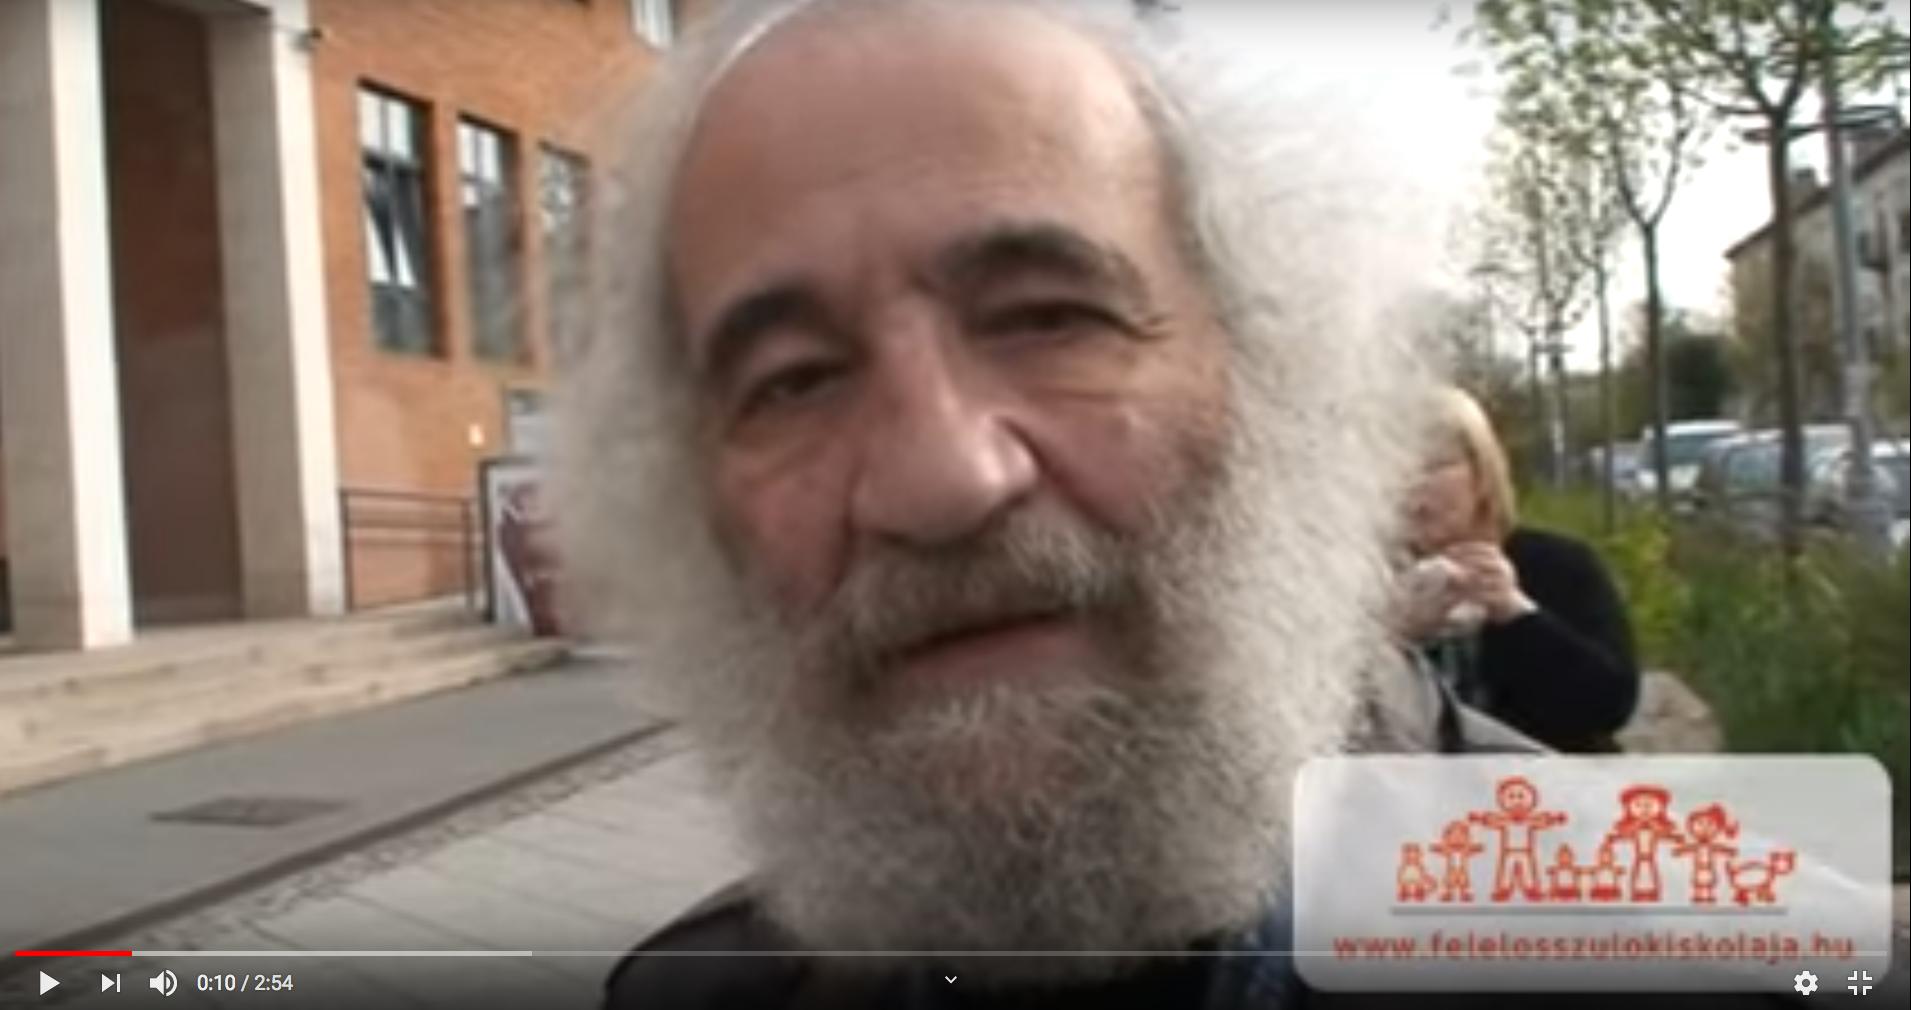 szakállas idős férfi